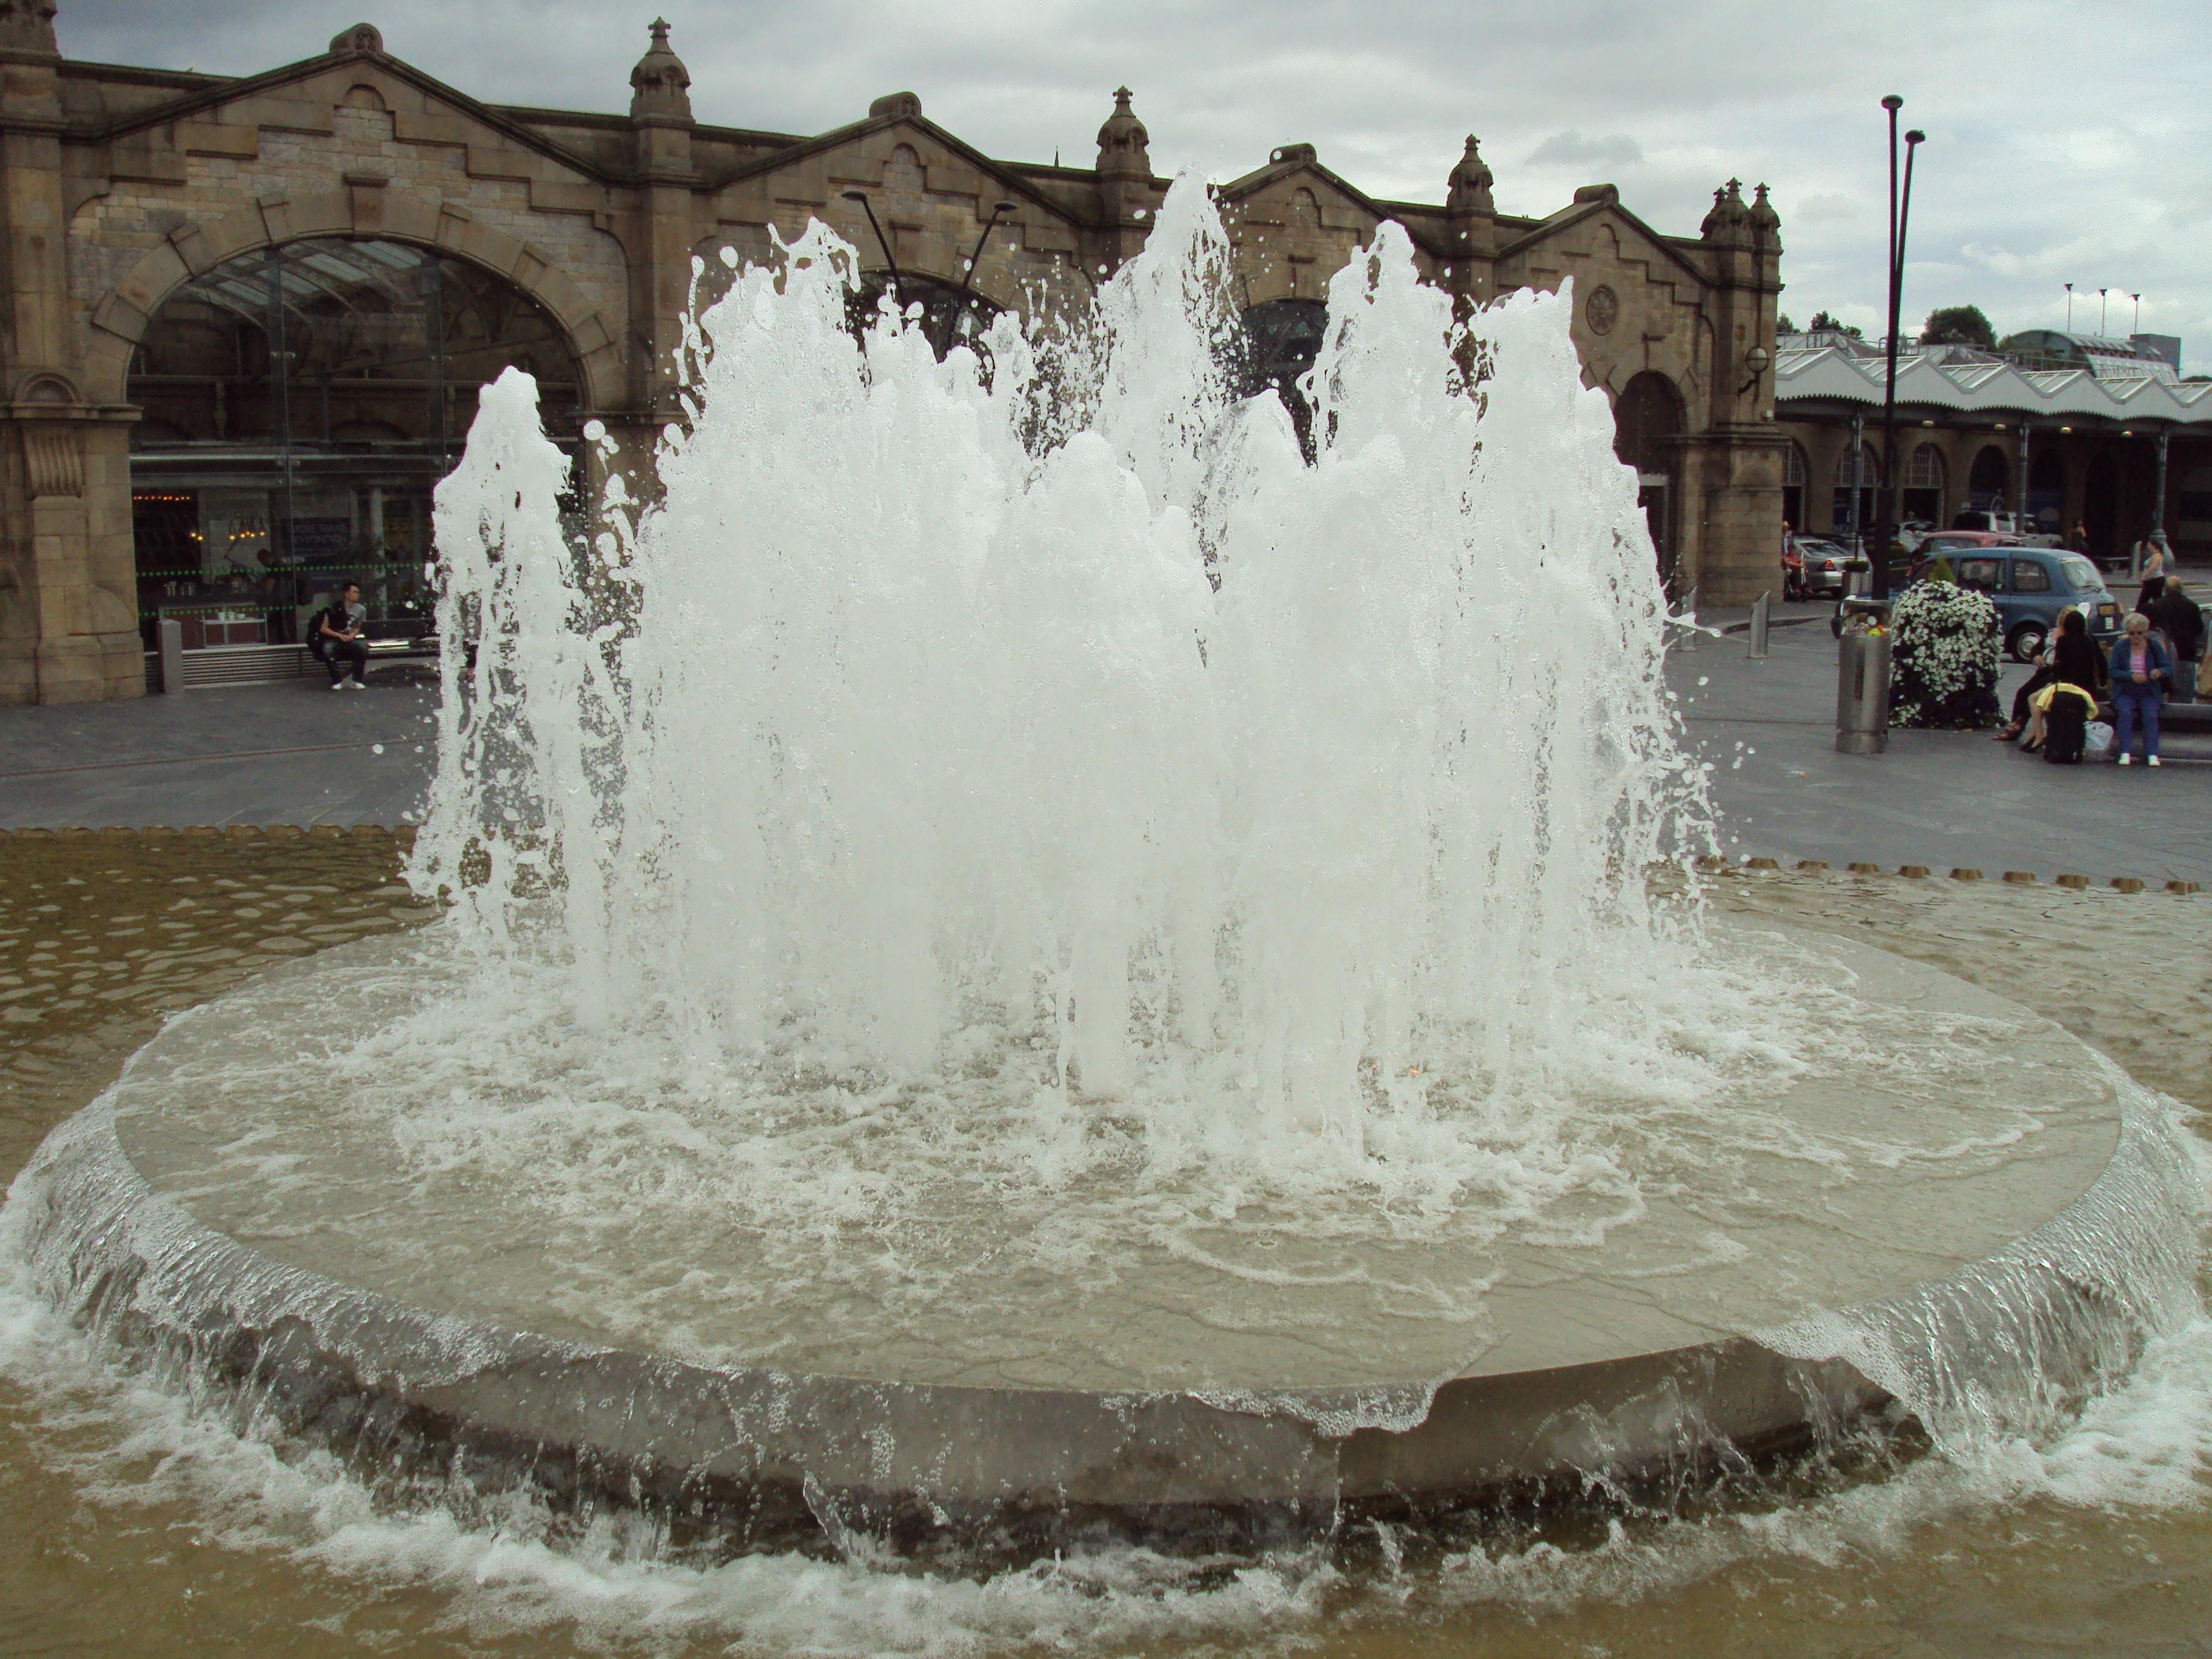 Remarkable File:Water fountain outside Sheffield railway station - DSC07417. 3648 x 2736 · 3677 kB · jpeg